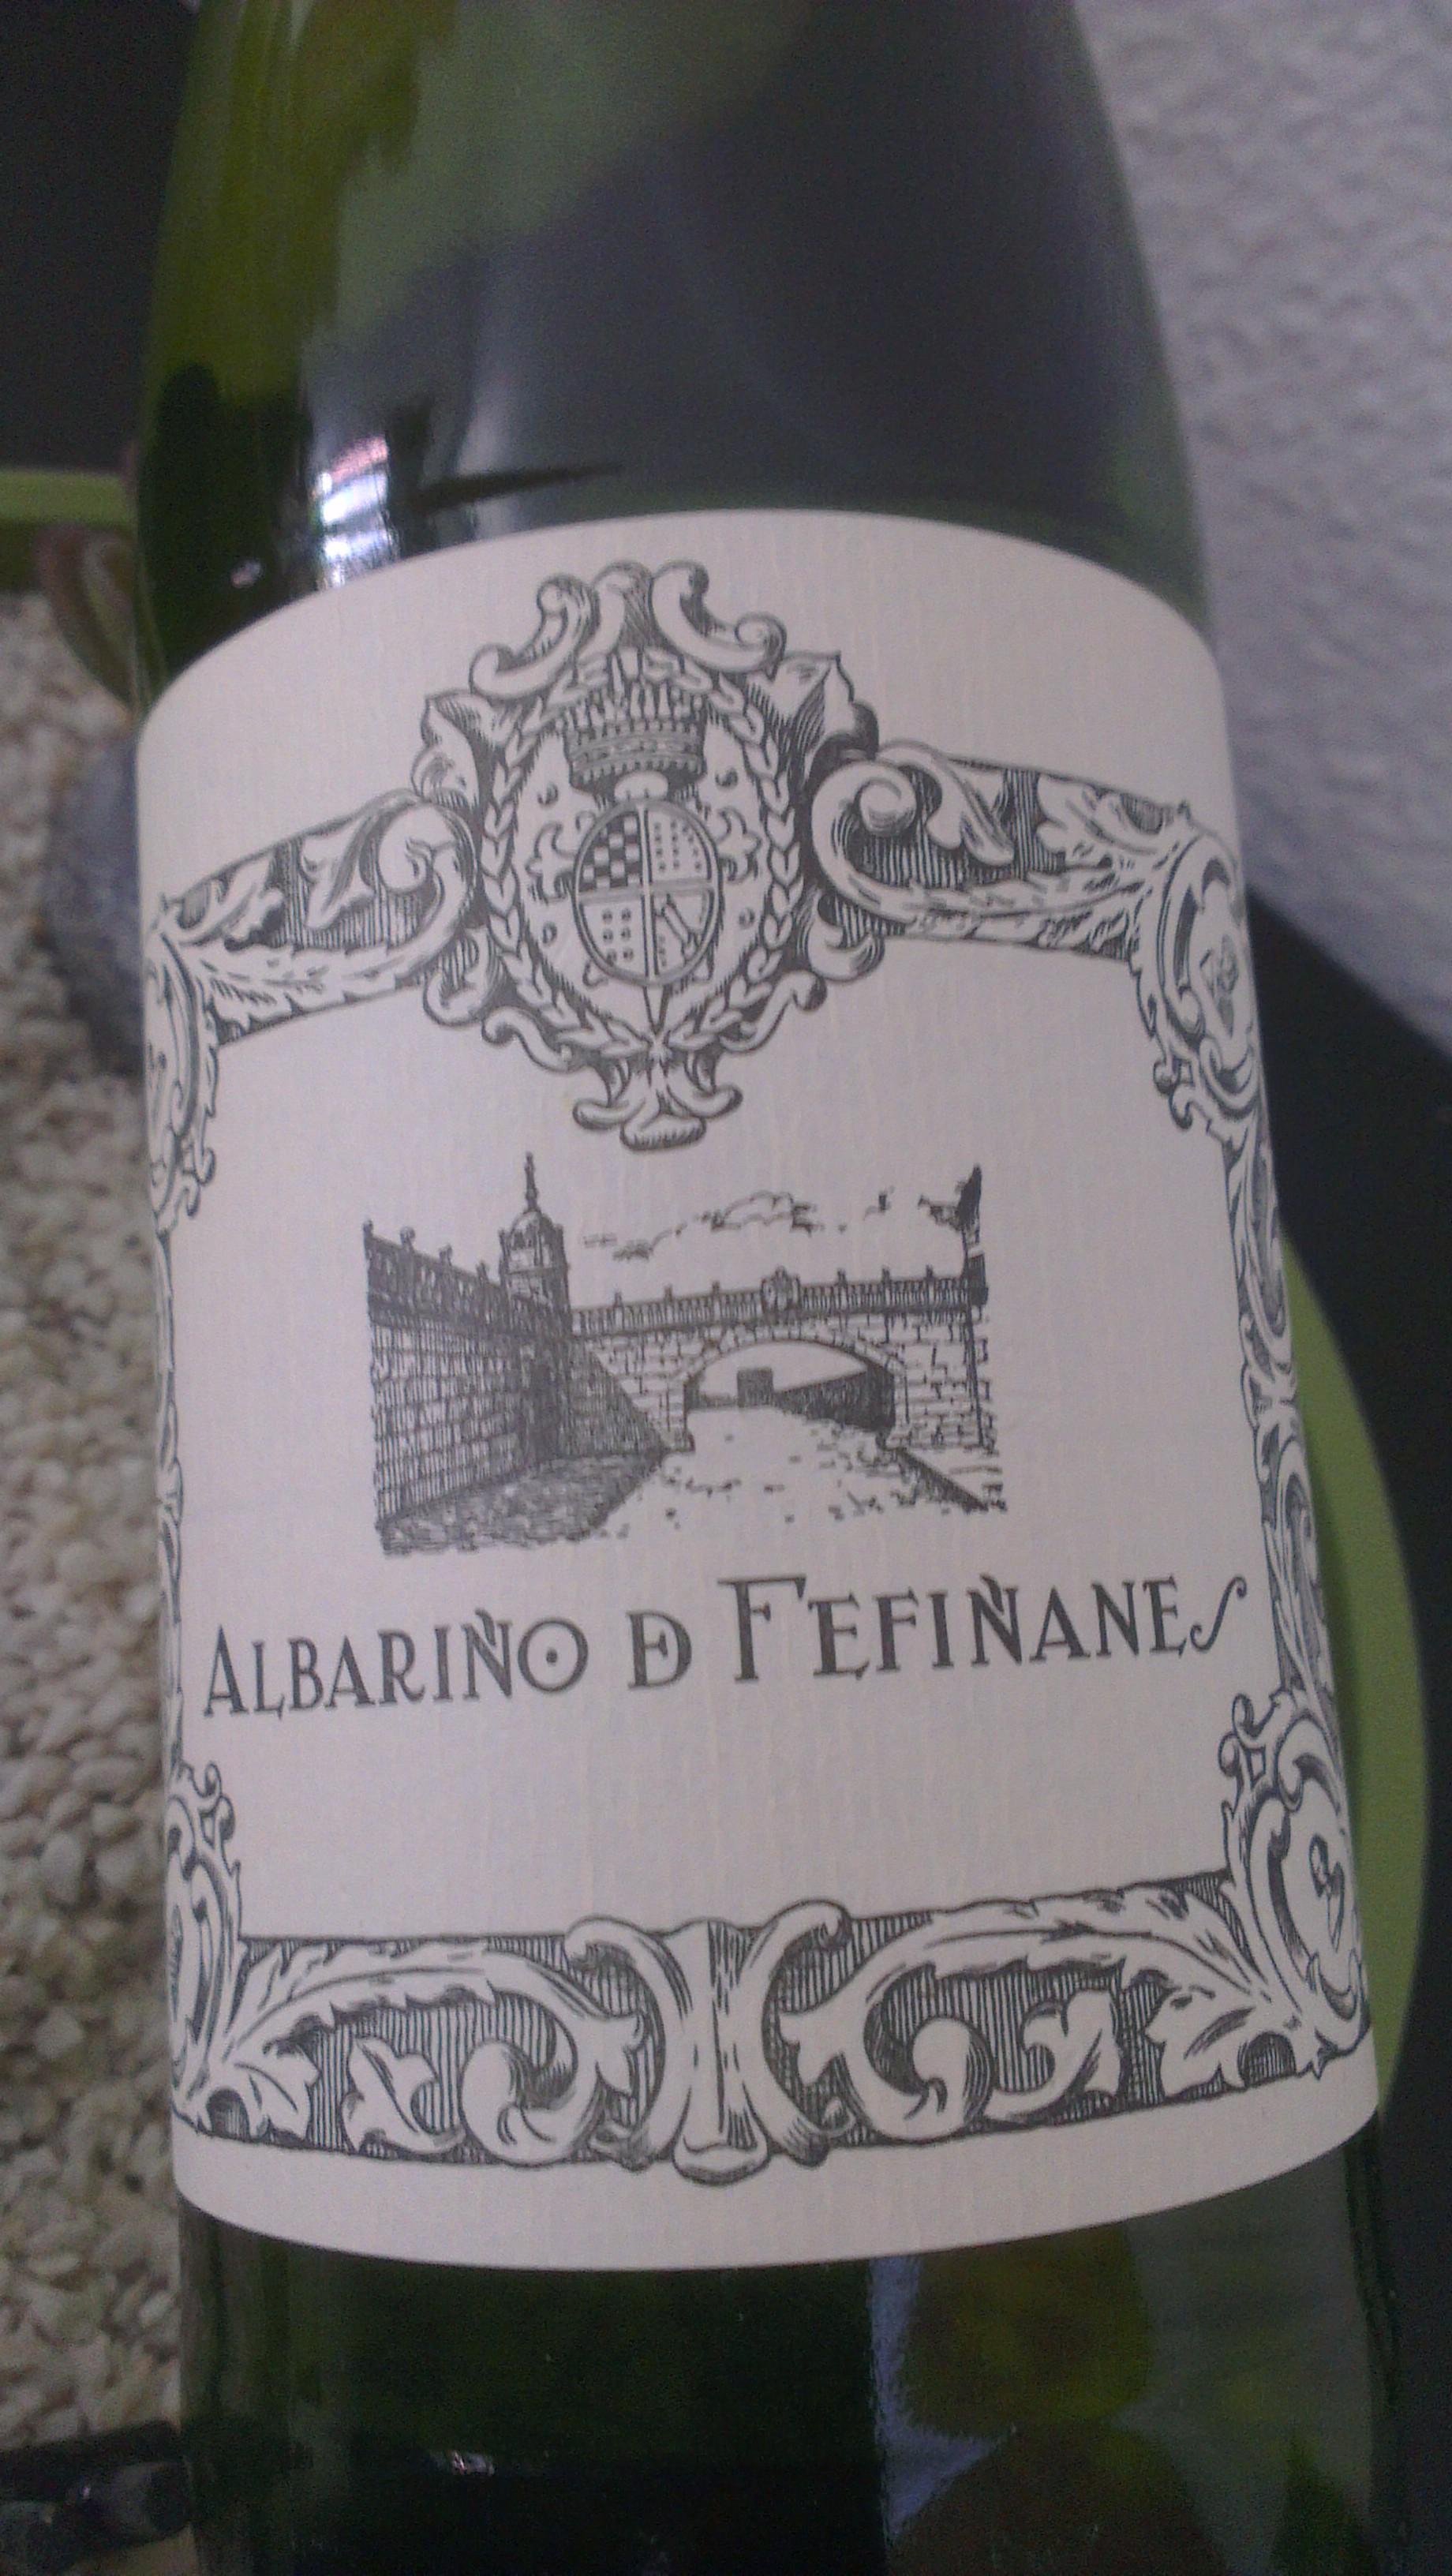 Albariño Do Fefiñanes